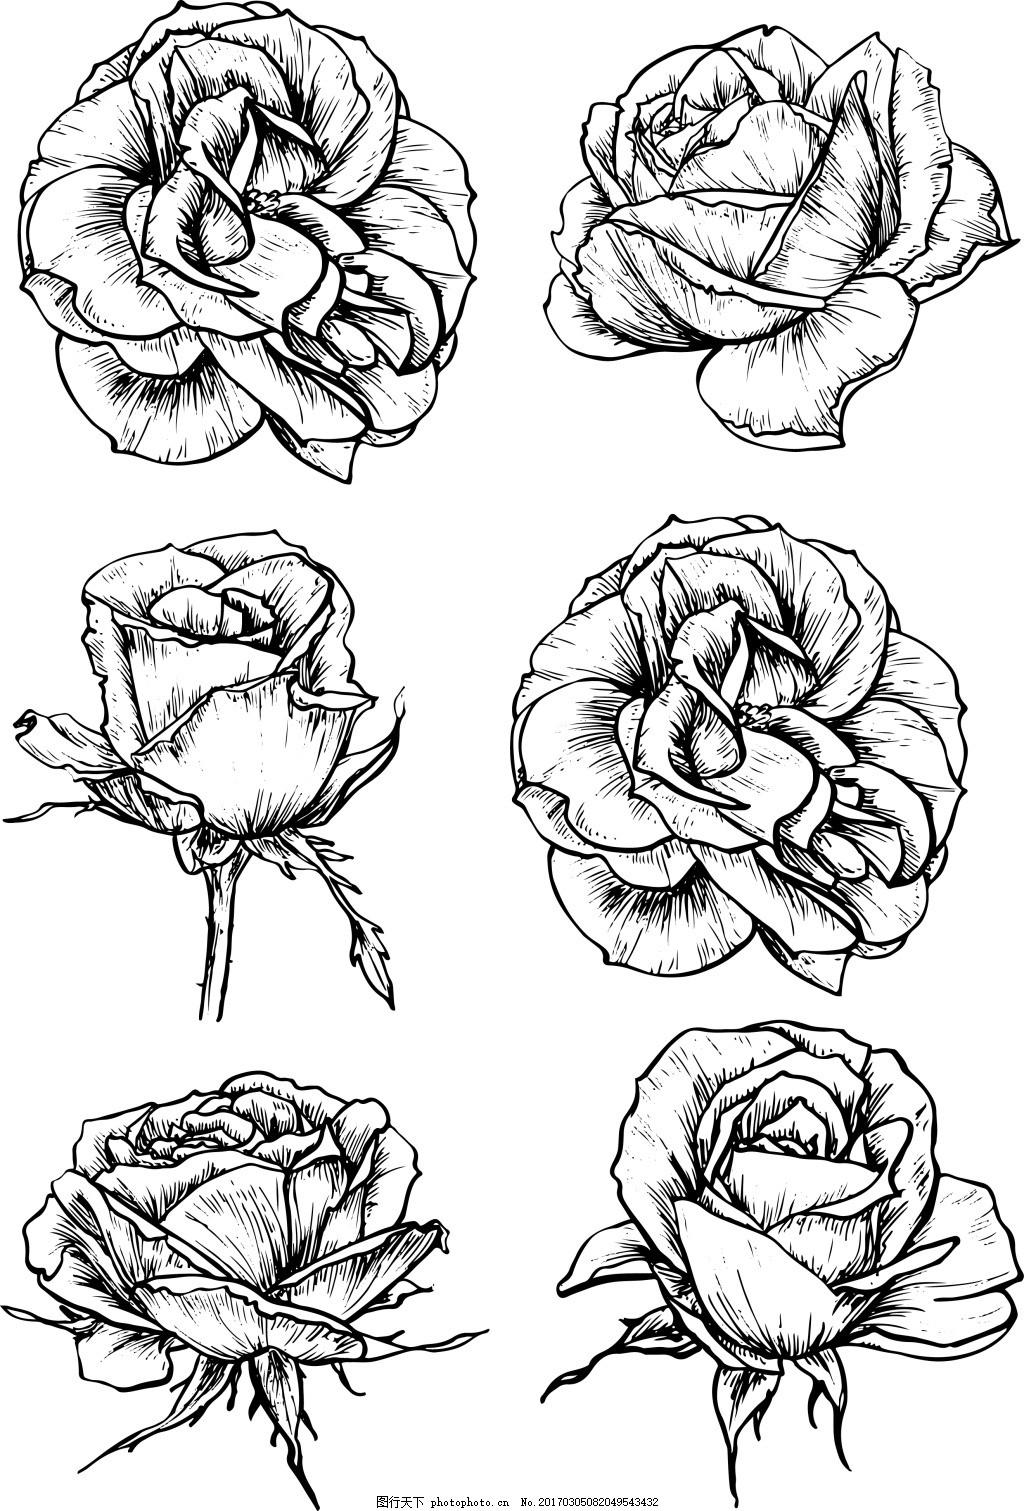 黑白手绘玫瑰花 植物